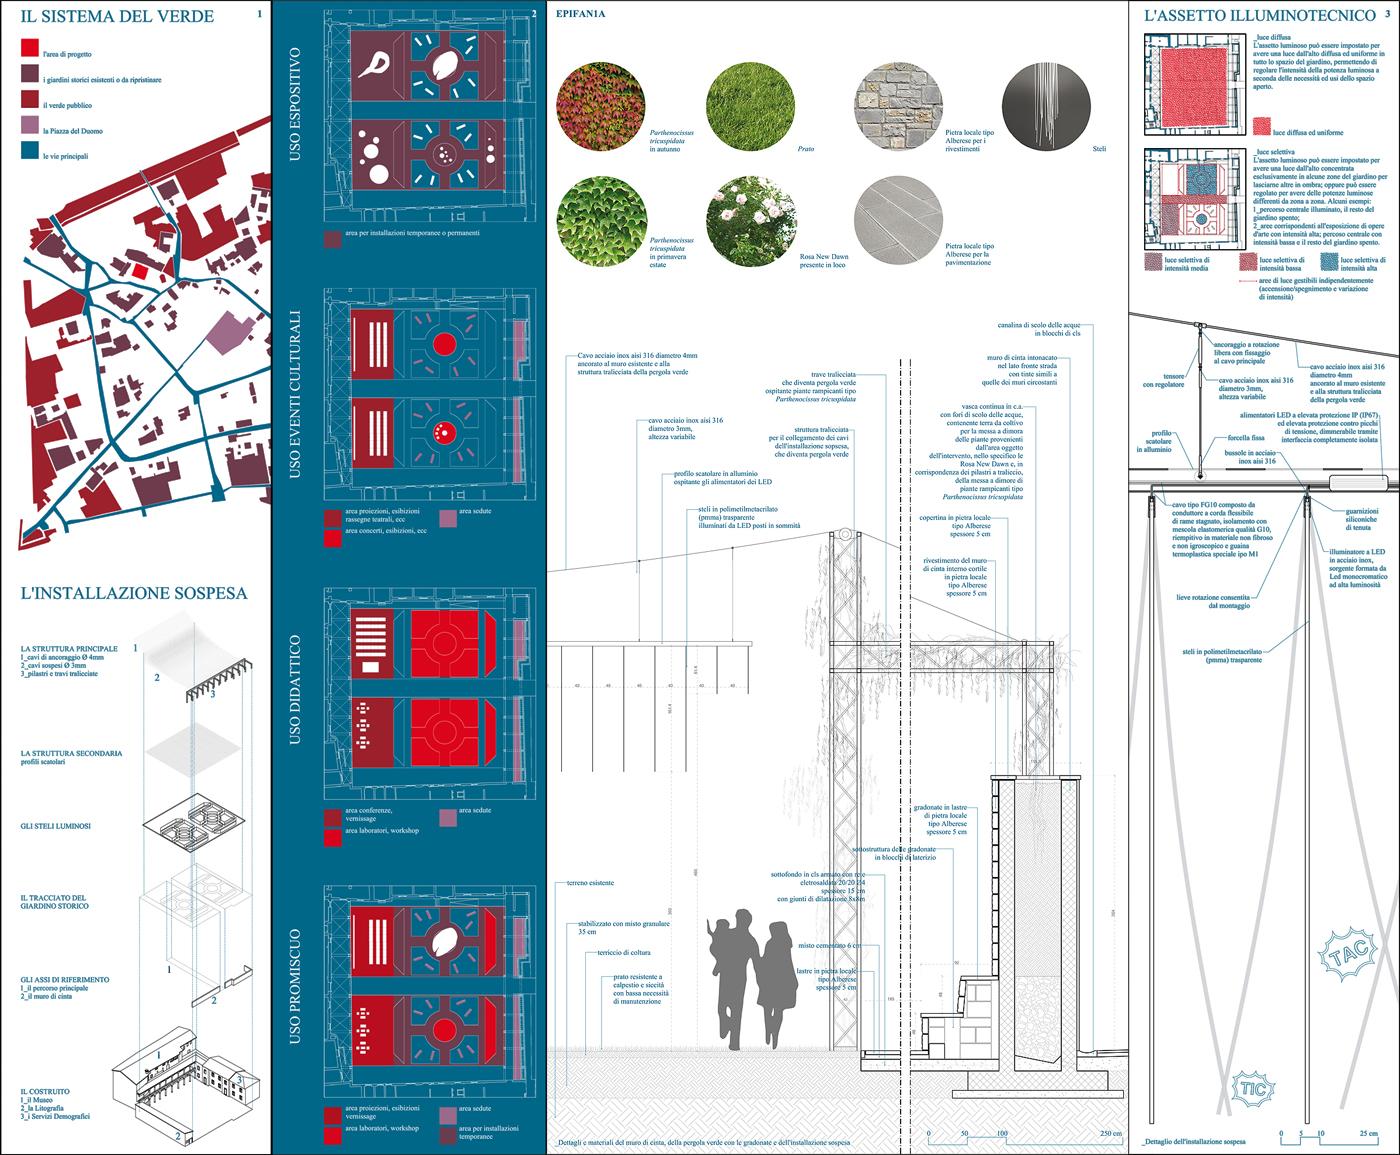 Una grande installazione sensoriale per il nuovo giardino di Palazzo Fabroni a Pistoia. Dettagli e schemi progettuali | Bottega di Architettura